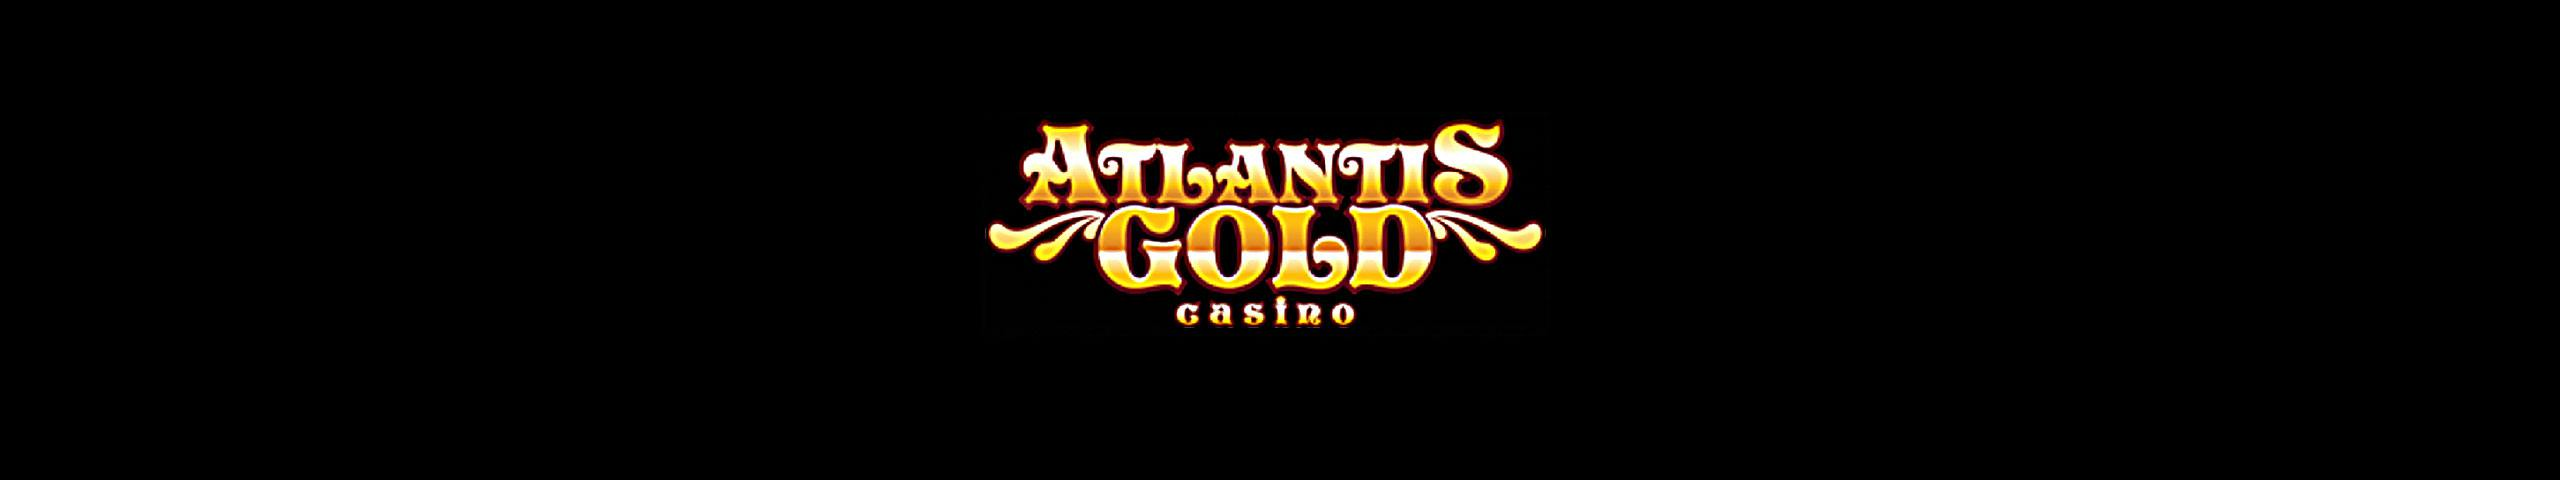 Atlantis Gold online casino slider wyrmspell